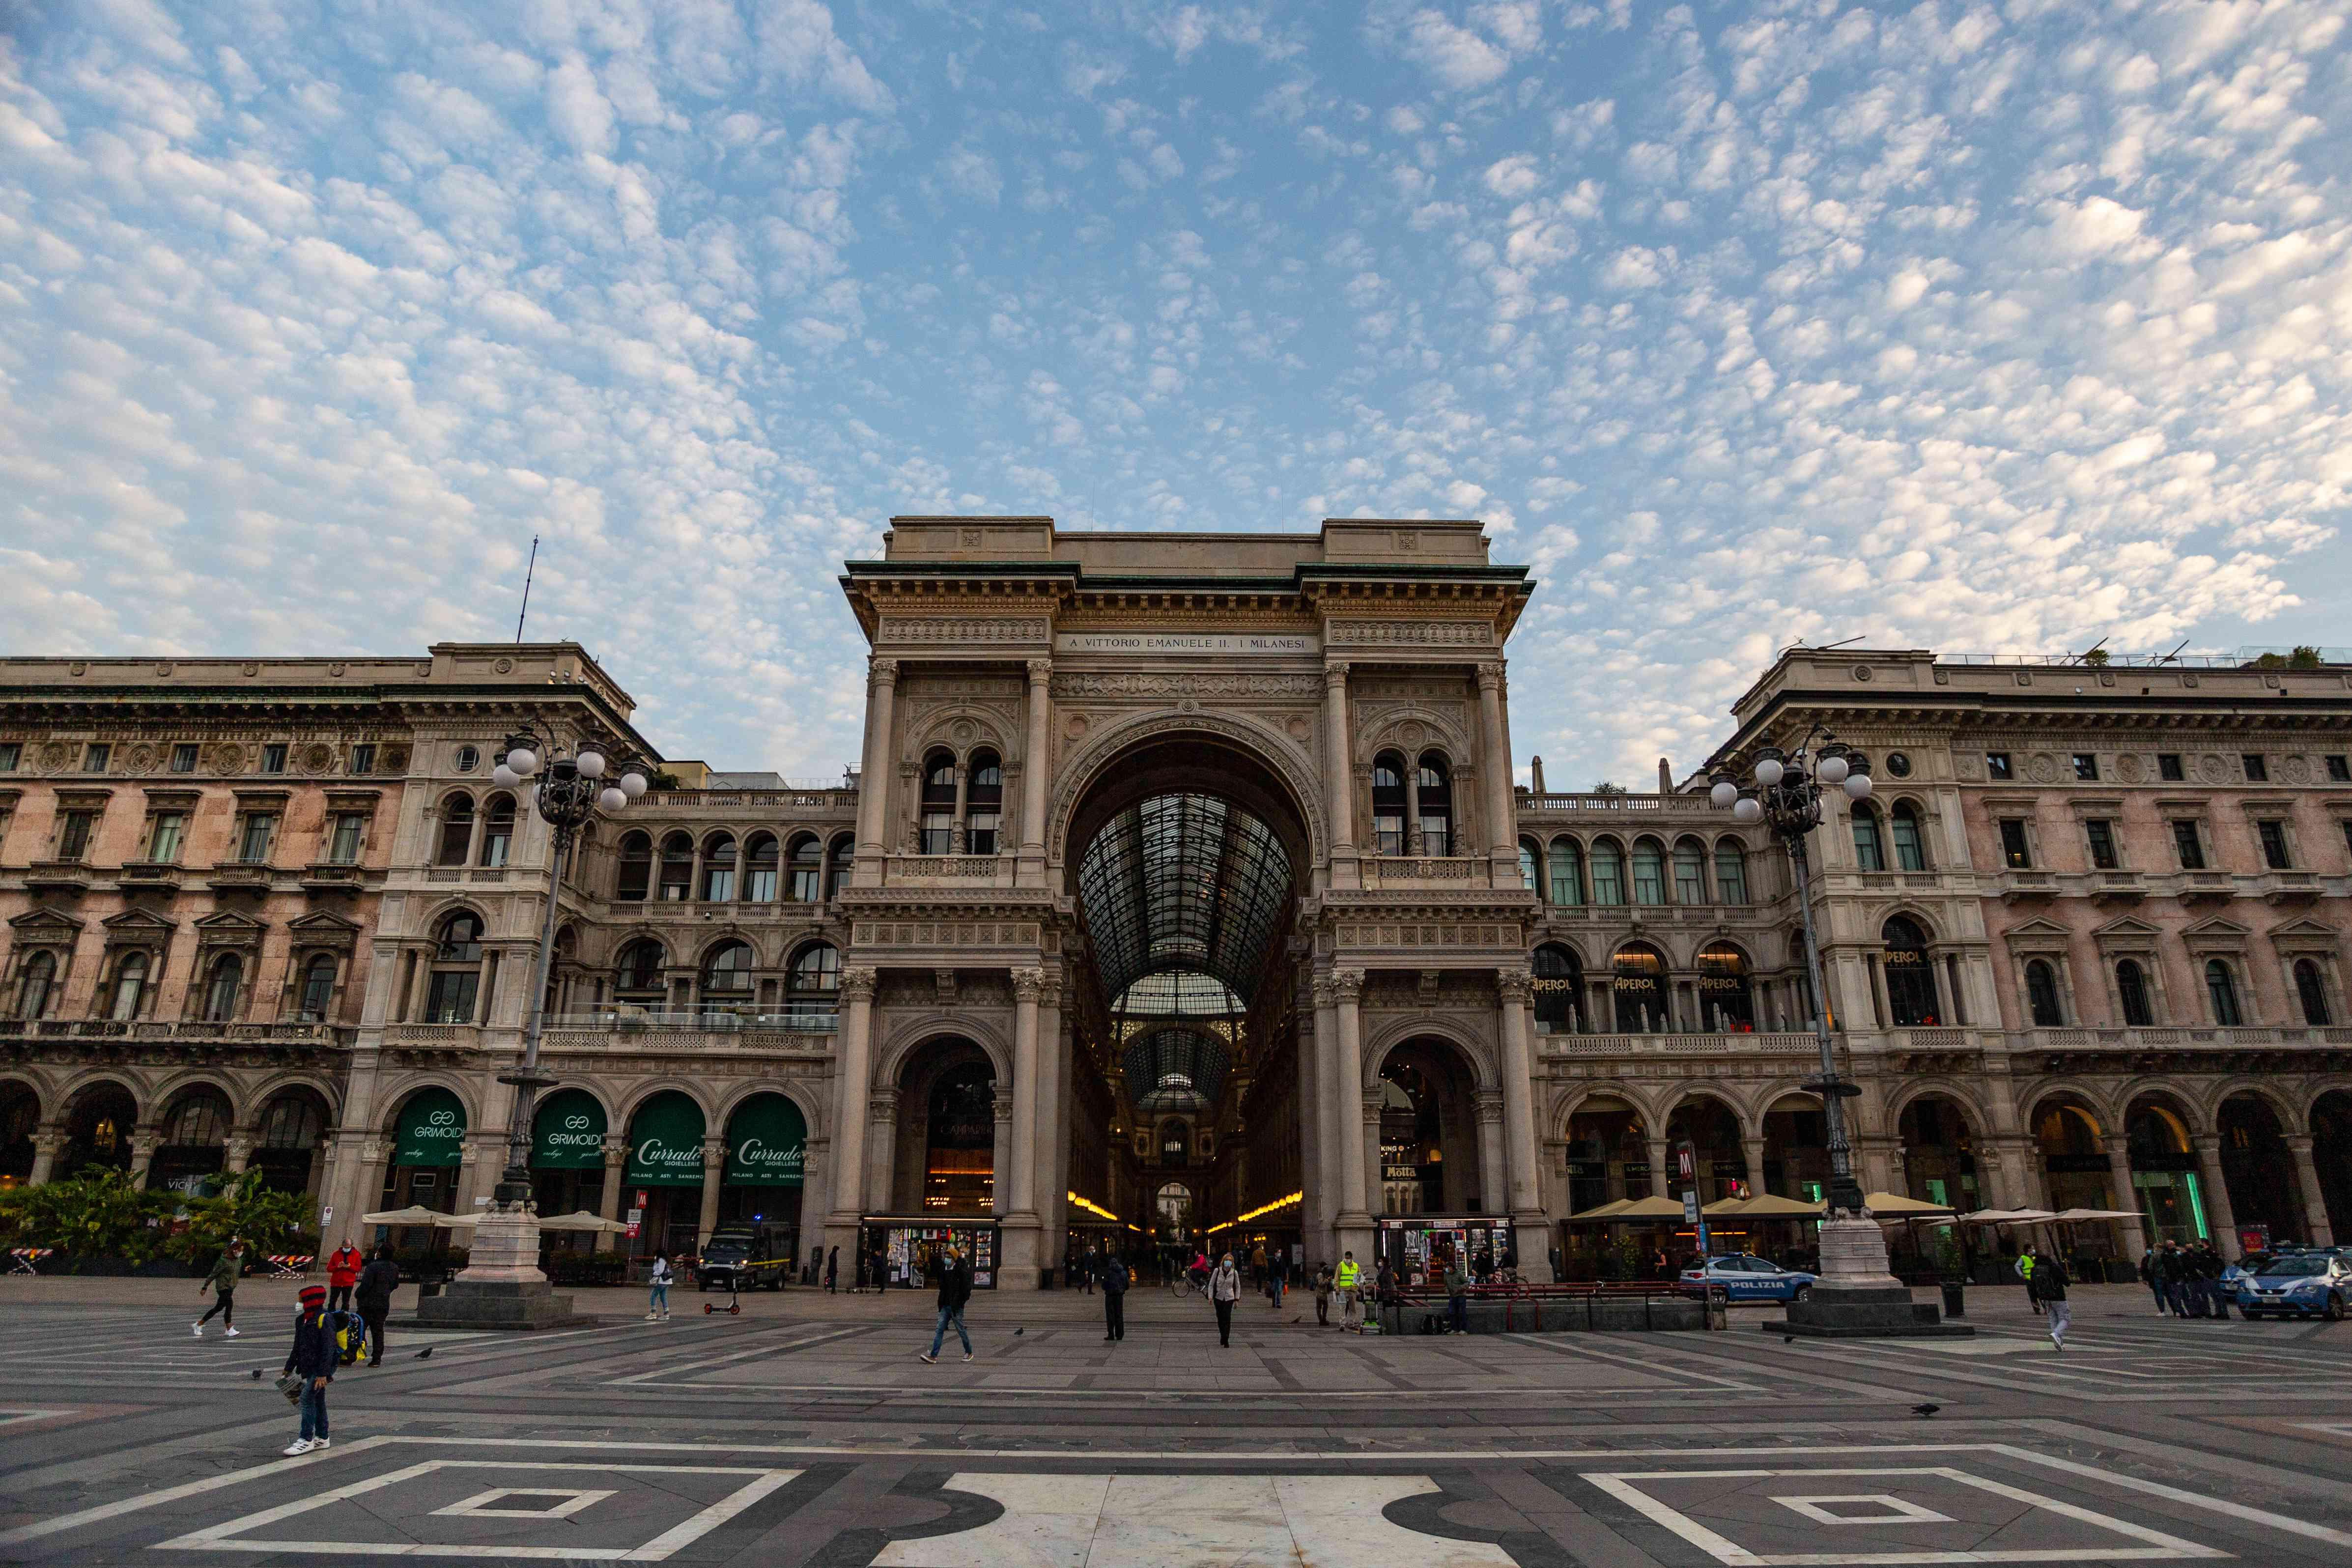 Galerie Vittorio Emanuele II, Milan, Italy